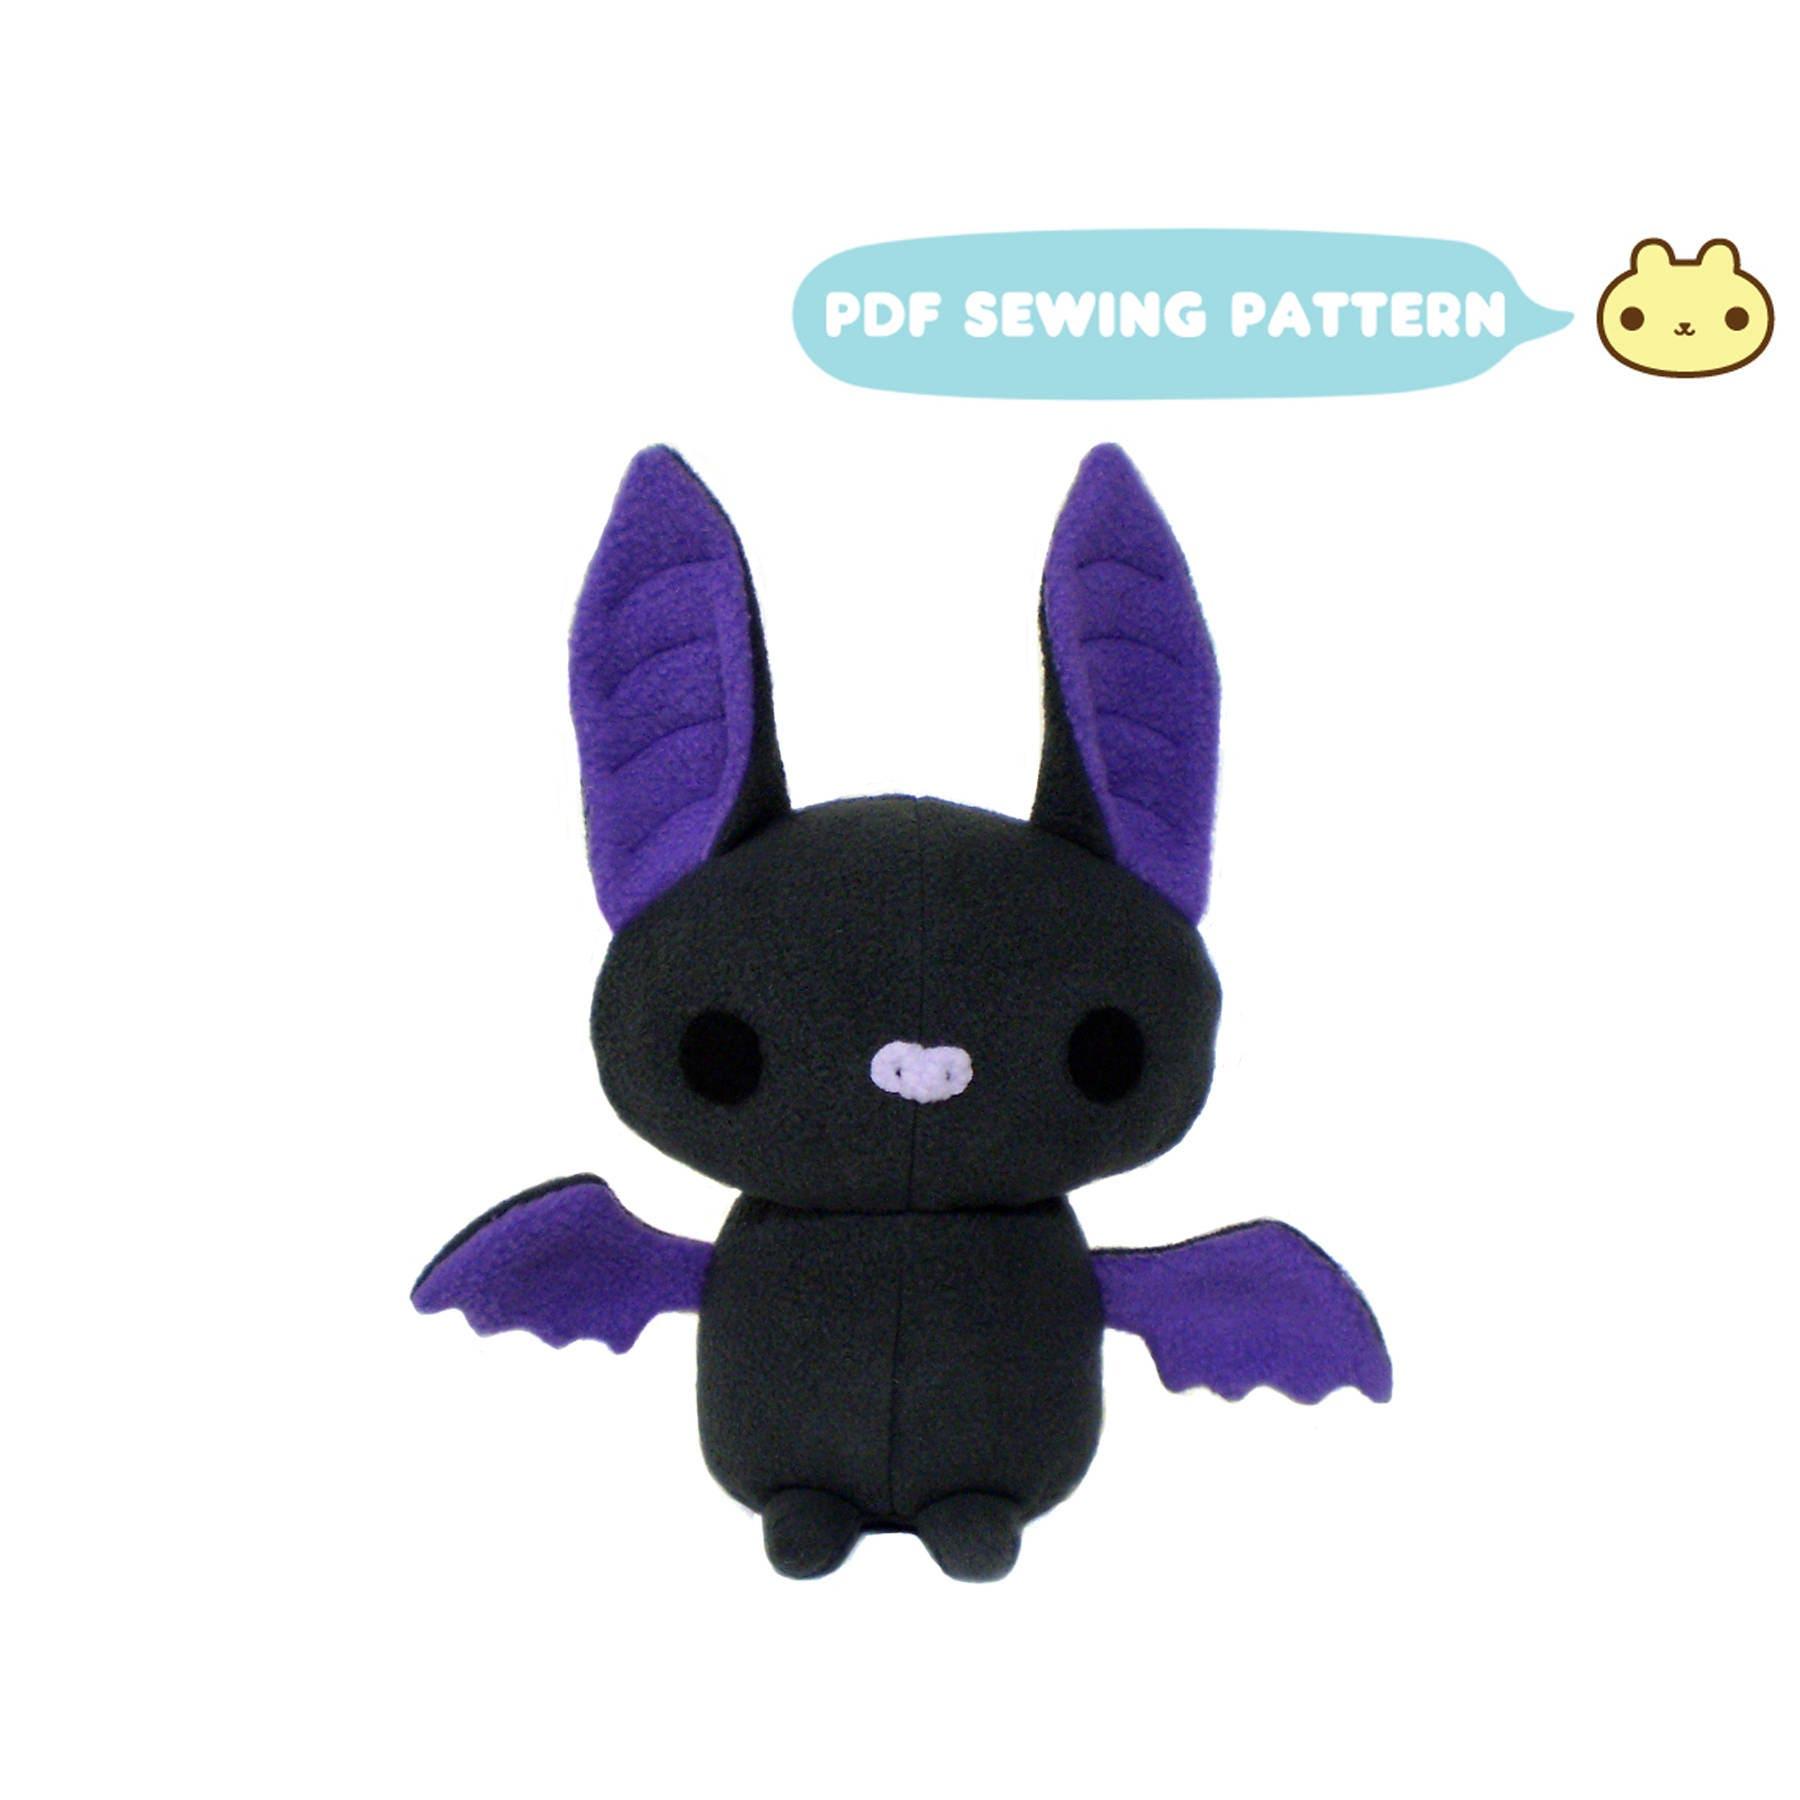 Plush Stuffed Animal Pattern Bat Sewing Pattern DIY Stuffed